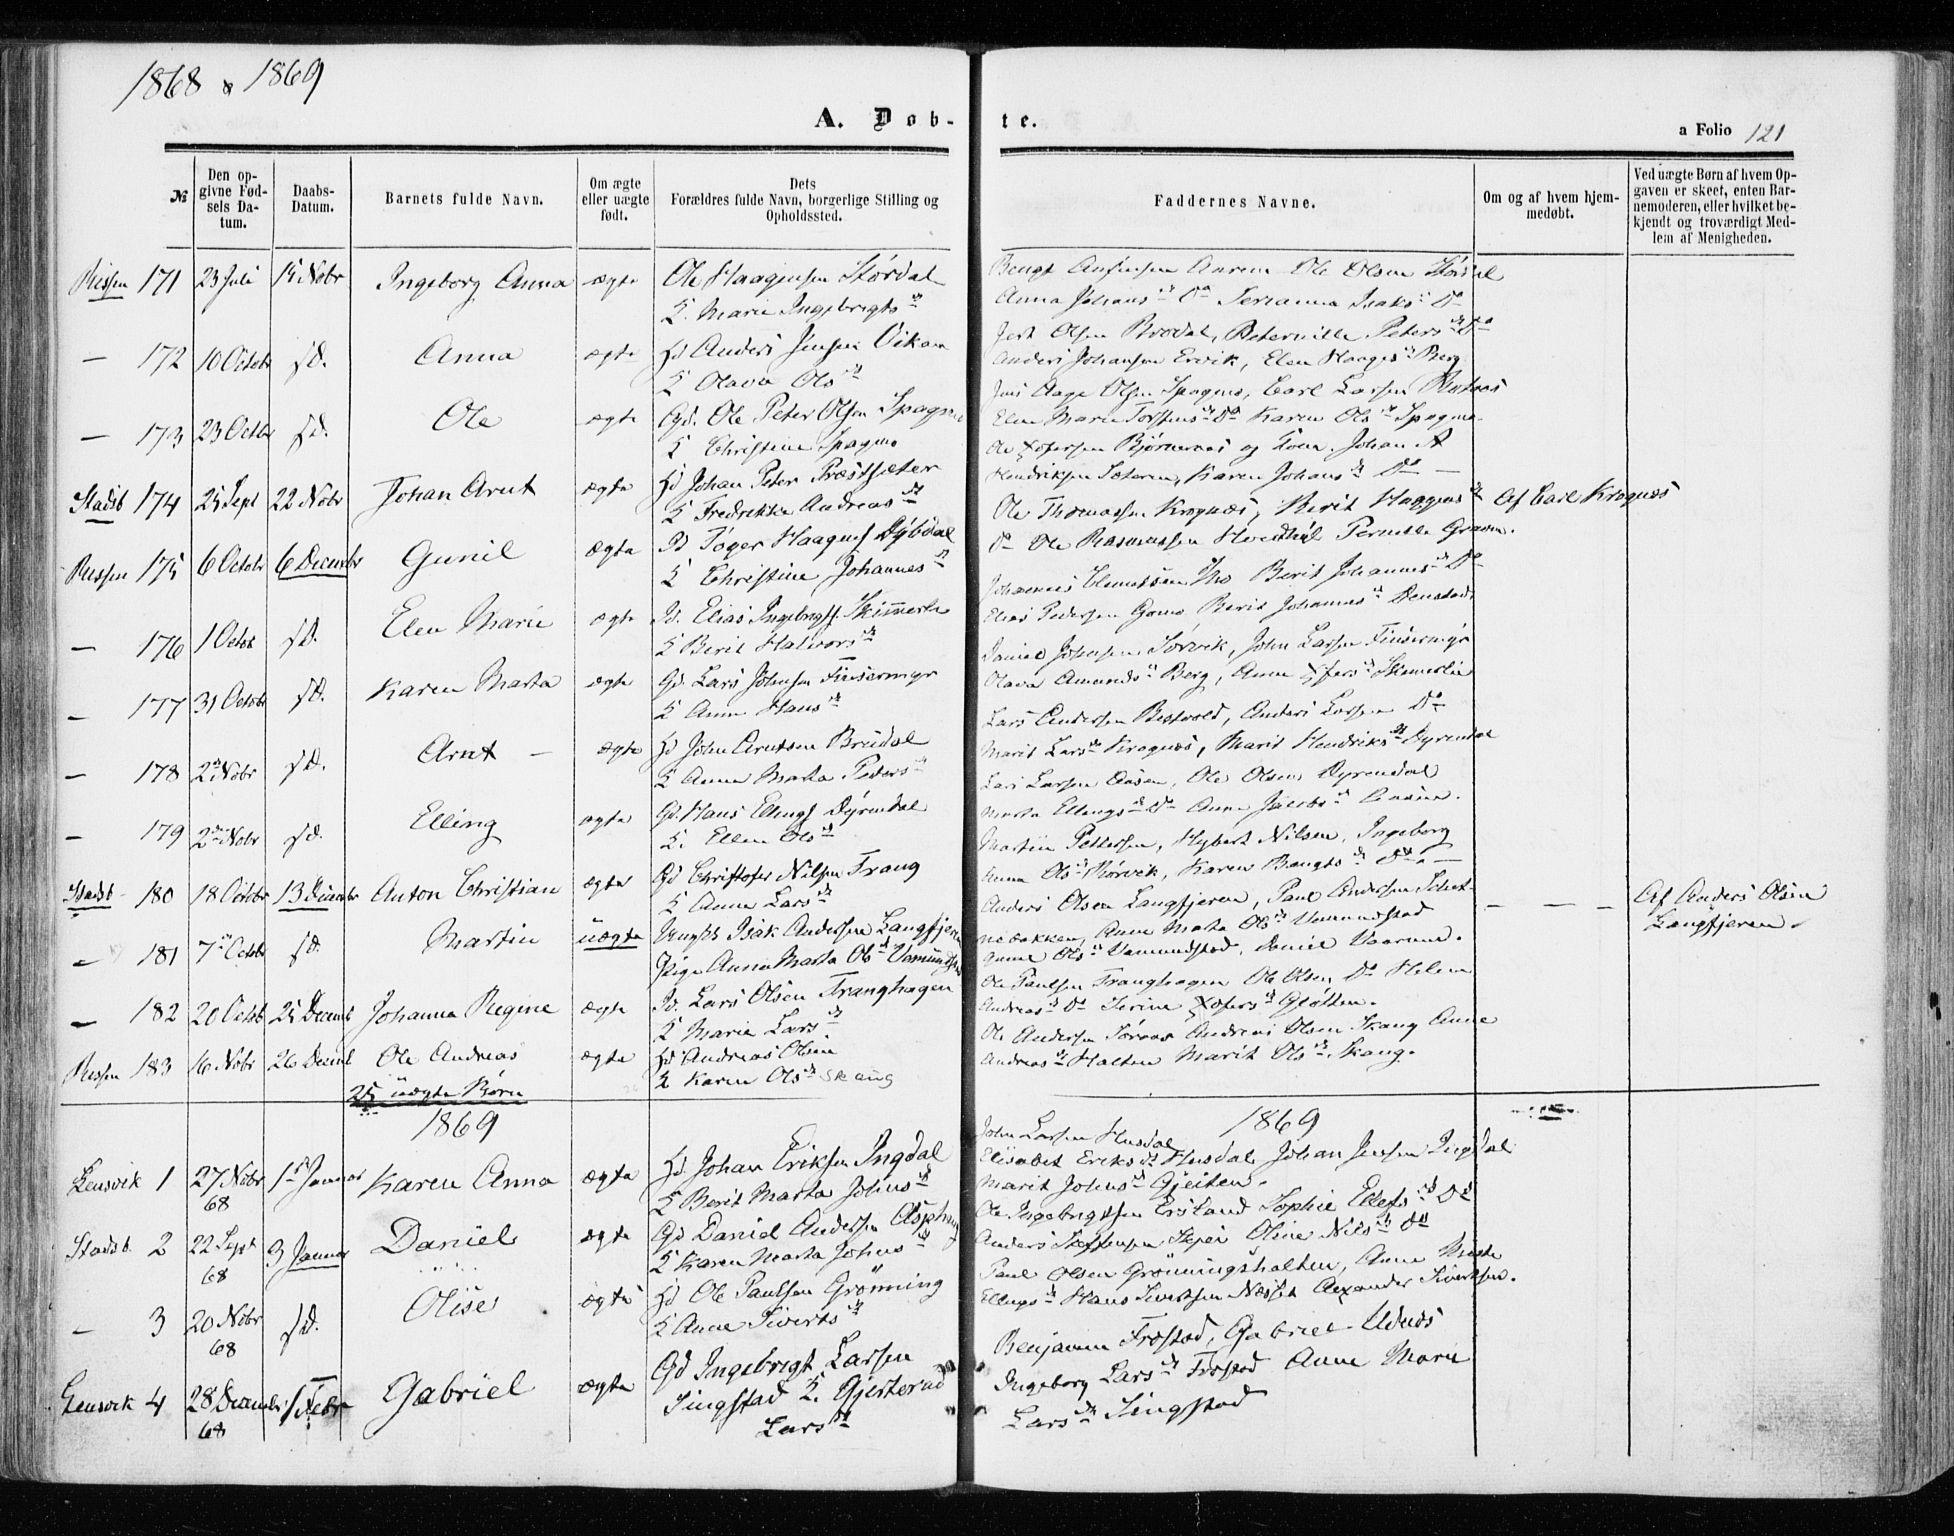 SAT, Ministerialprotokoller, klokkerbøker og fødselsregistre - Sør-Trøndelag, 646/L0612: Ministerialbok nr. 646A10, 1858-1869, s. 121